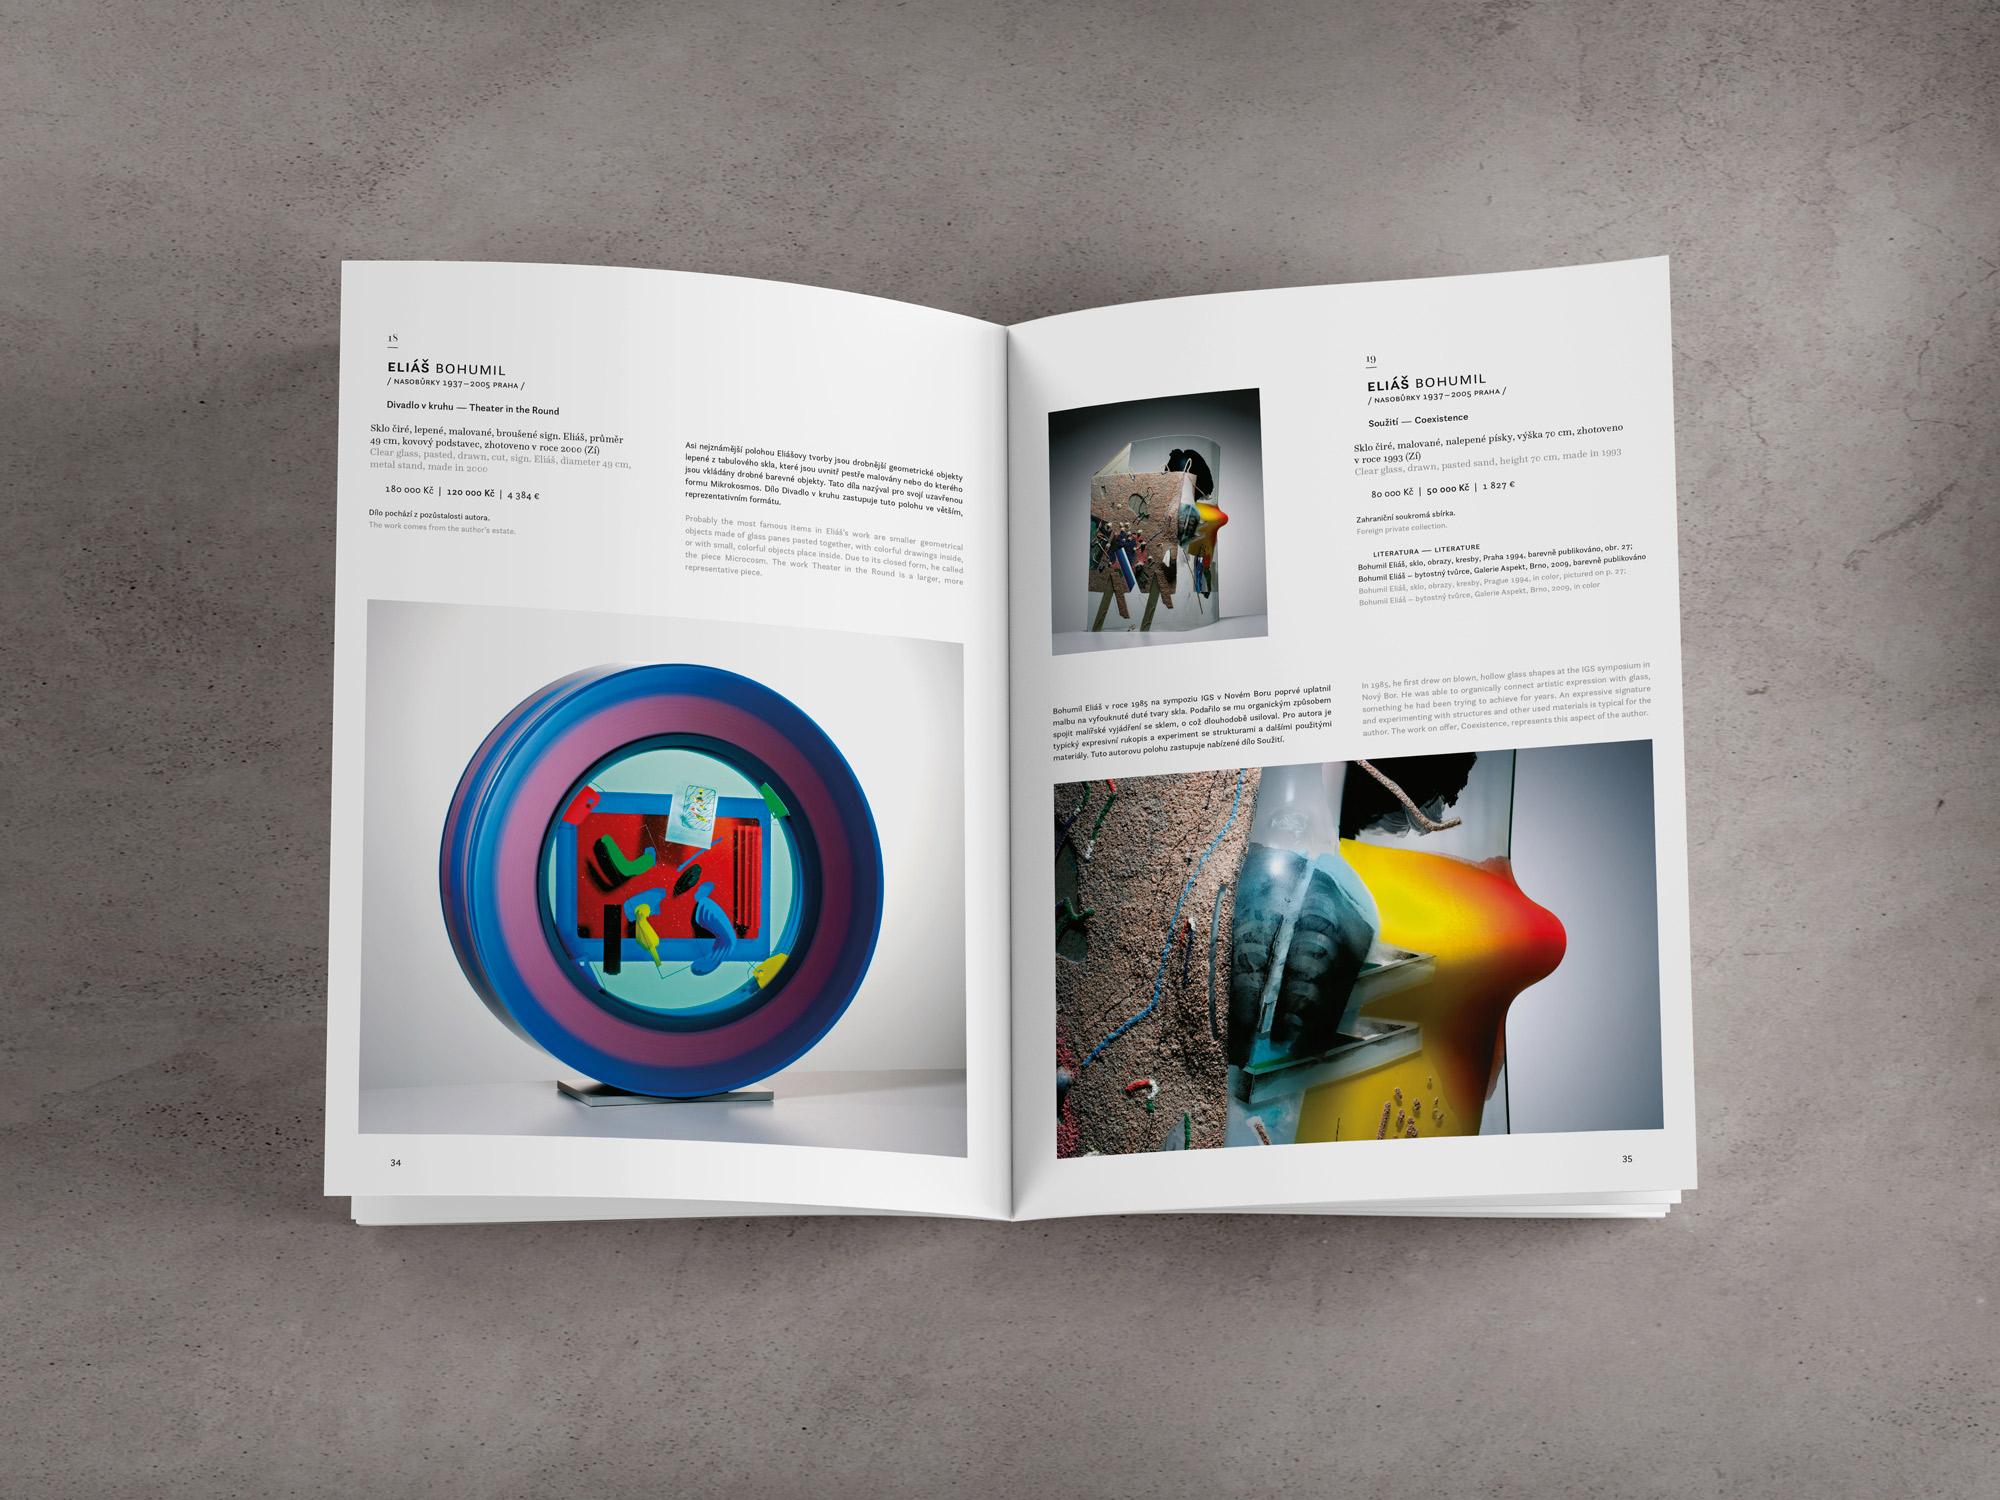 [album/Products_Model_Product/51/DOR_Krehka_sila_katalog_2015_vnitrek_3.jpg]